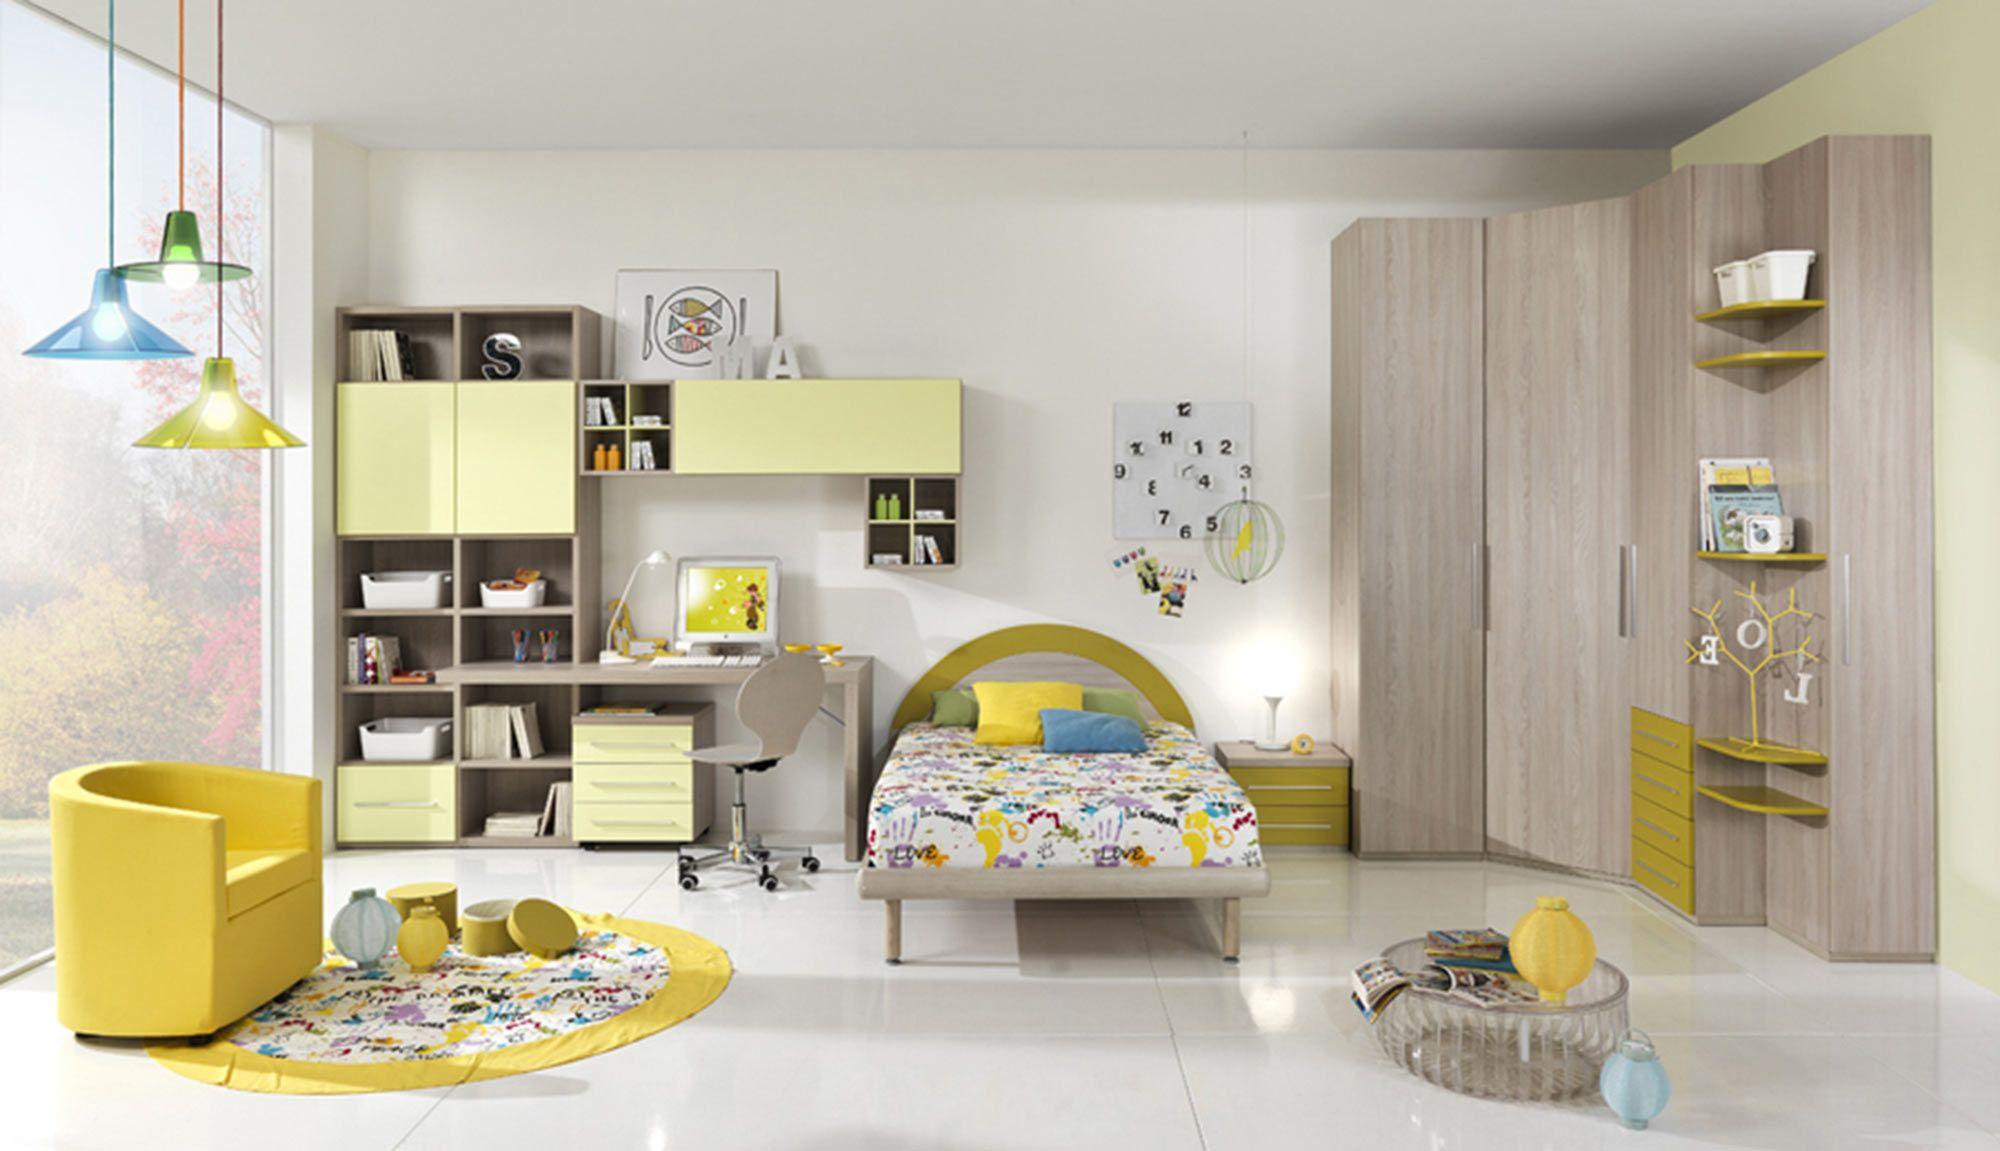 Ima Camerette ~ 103 best gsg camerette images on pinterest bedroom ideas dream